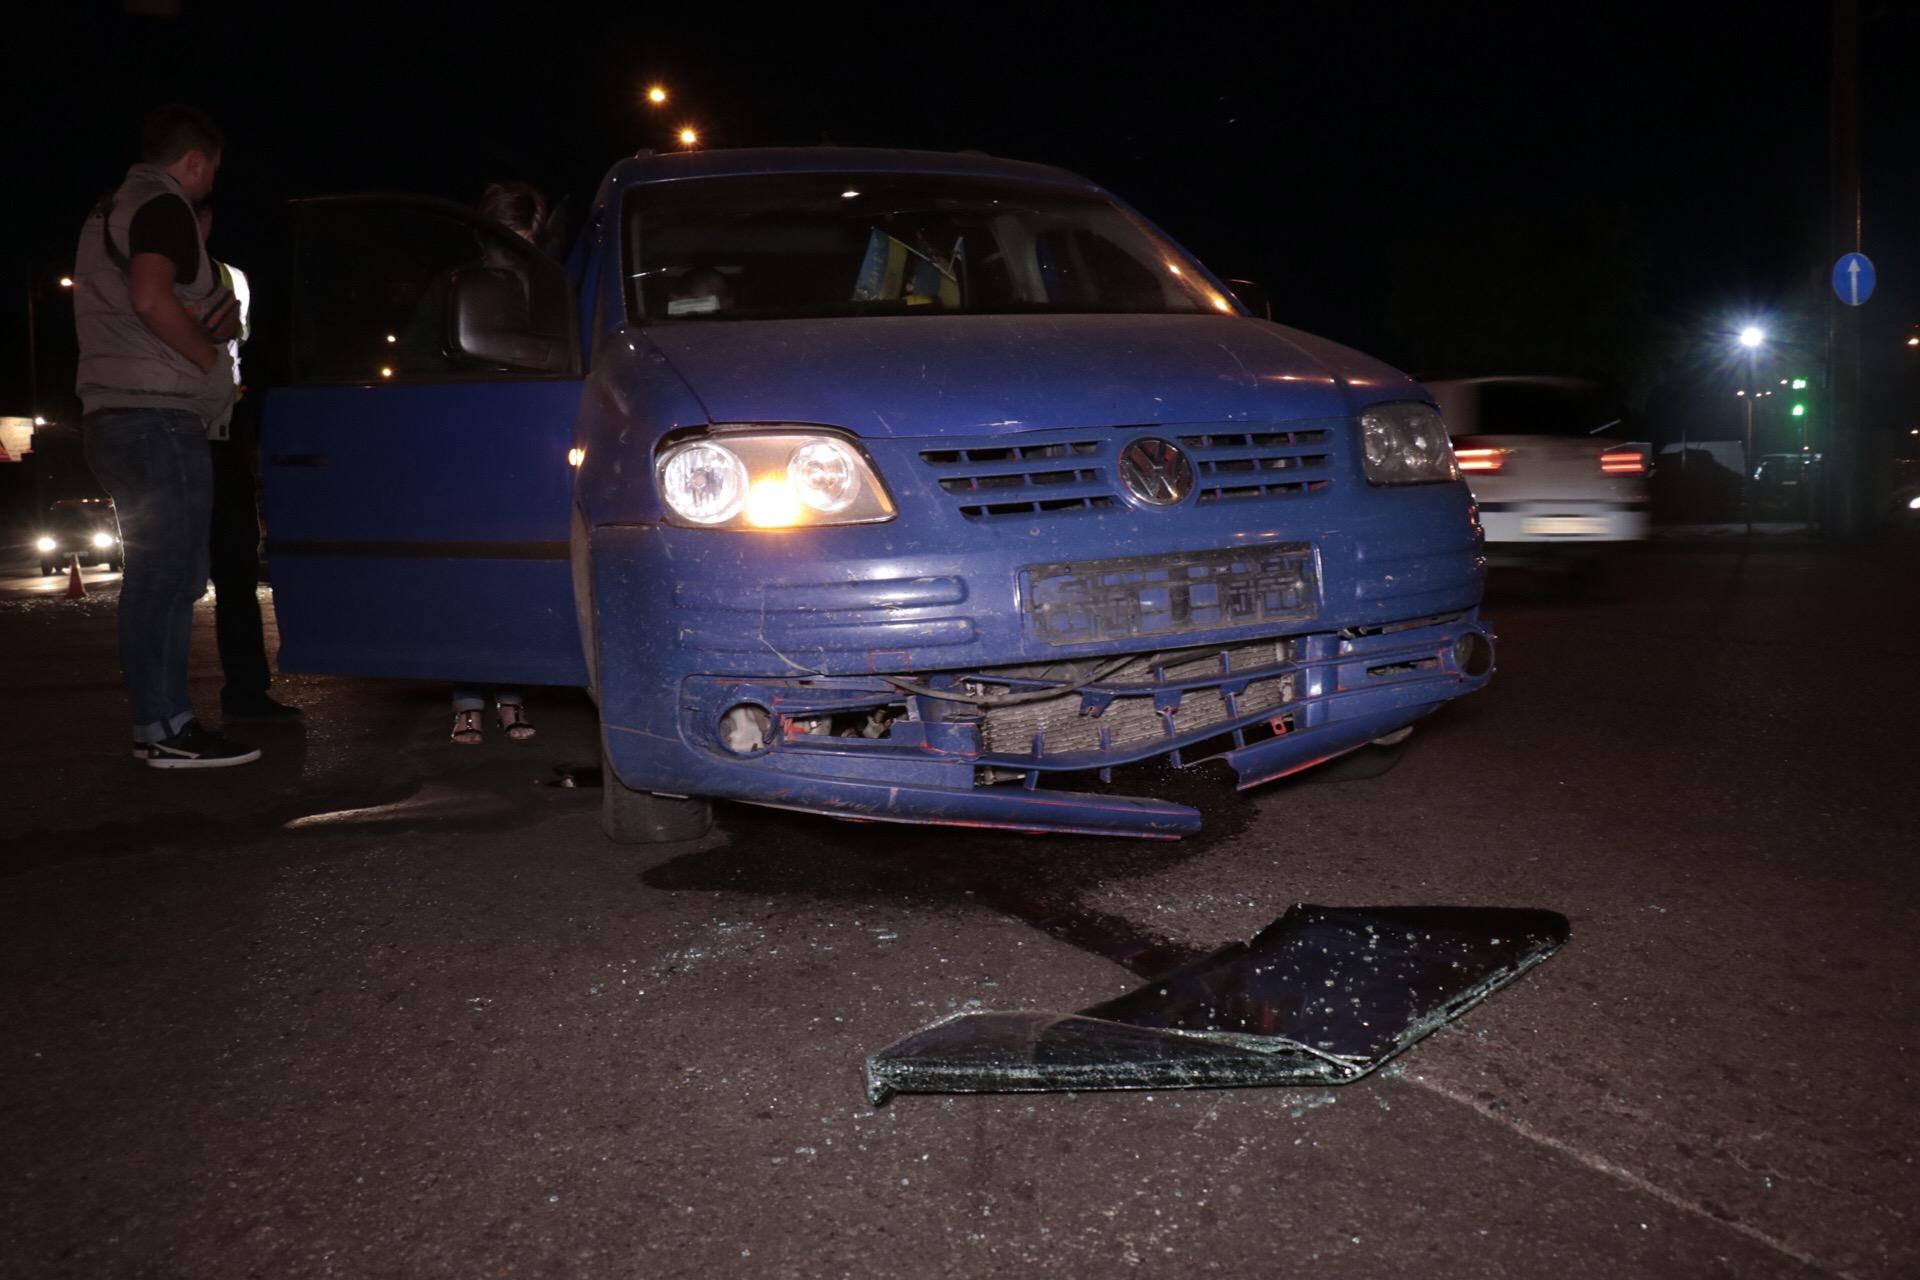 Мужчина, который находился в машине-нарушителе, вывалился из машины